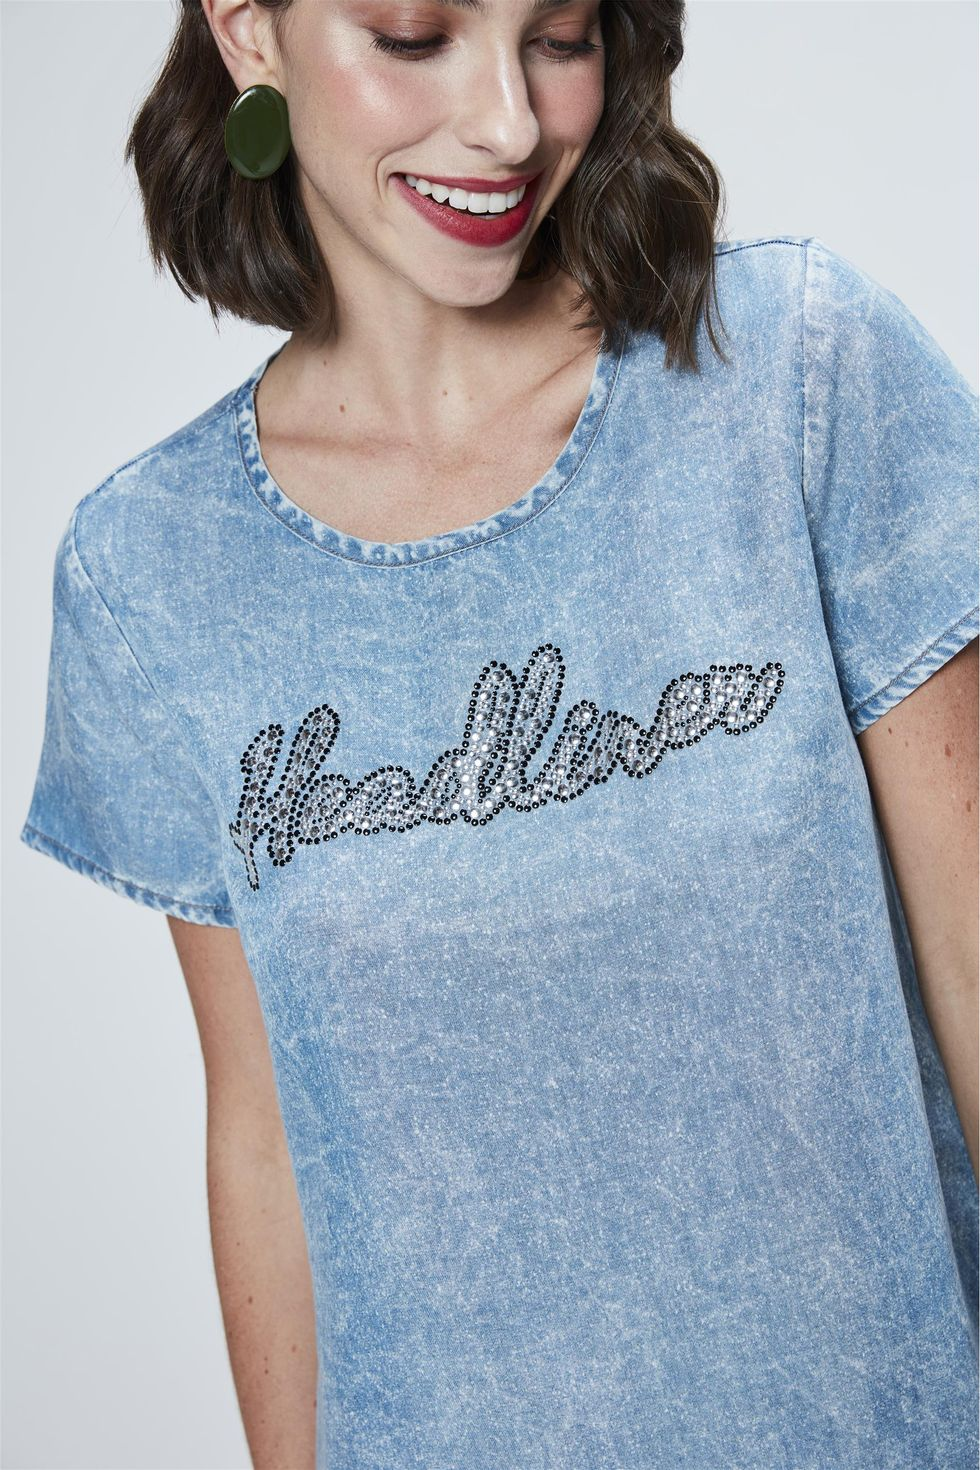 Camiseta-Jeans-com-Aplicacao-Feminina-Frente--